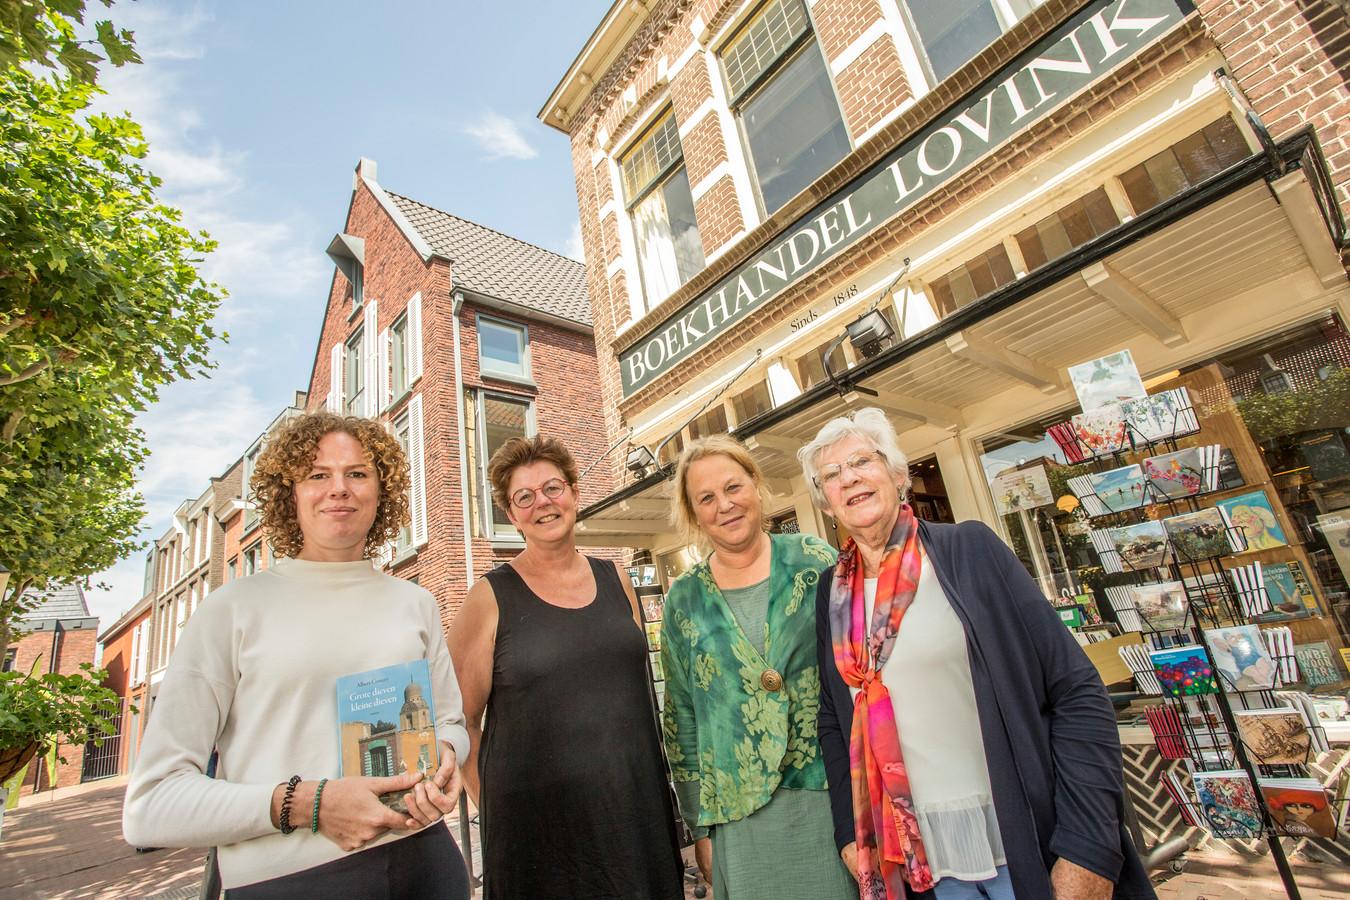 Vlnr Frederike Scholing, Tineke Posthumus, Gerthe Lamers en Janneke Minnee voor boekhandel Lovink. De Lochemse boekenzaak is een van de partners van het project Fit-ART Academie dat dit najaar start. Opzet is ouderen intellectueel prikkelende activiteiten aan te bieden.